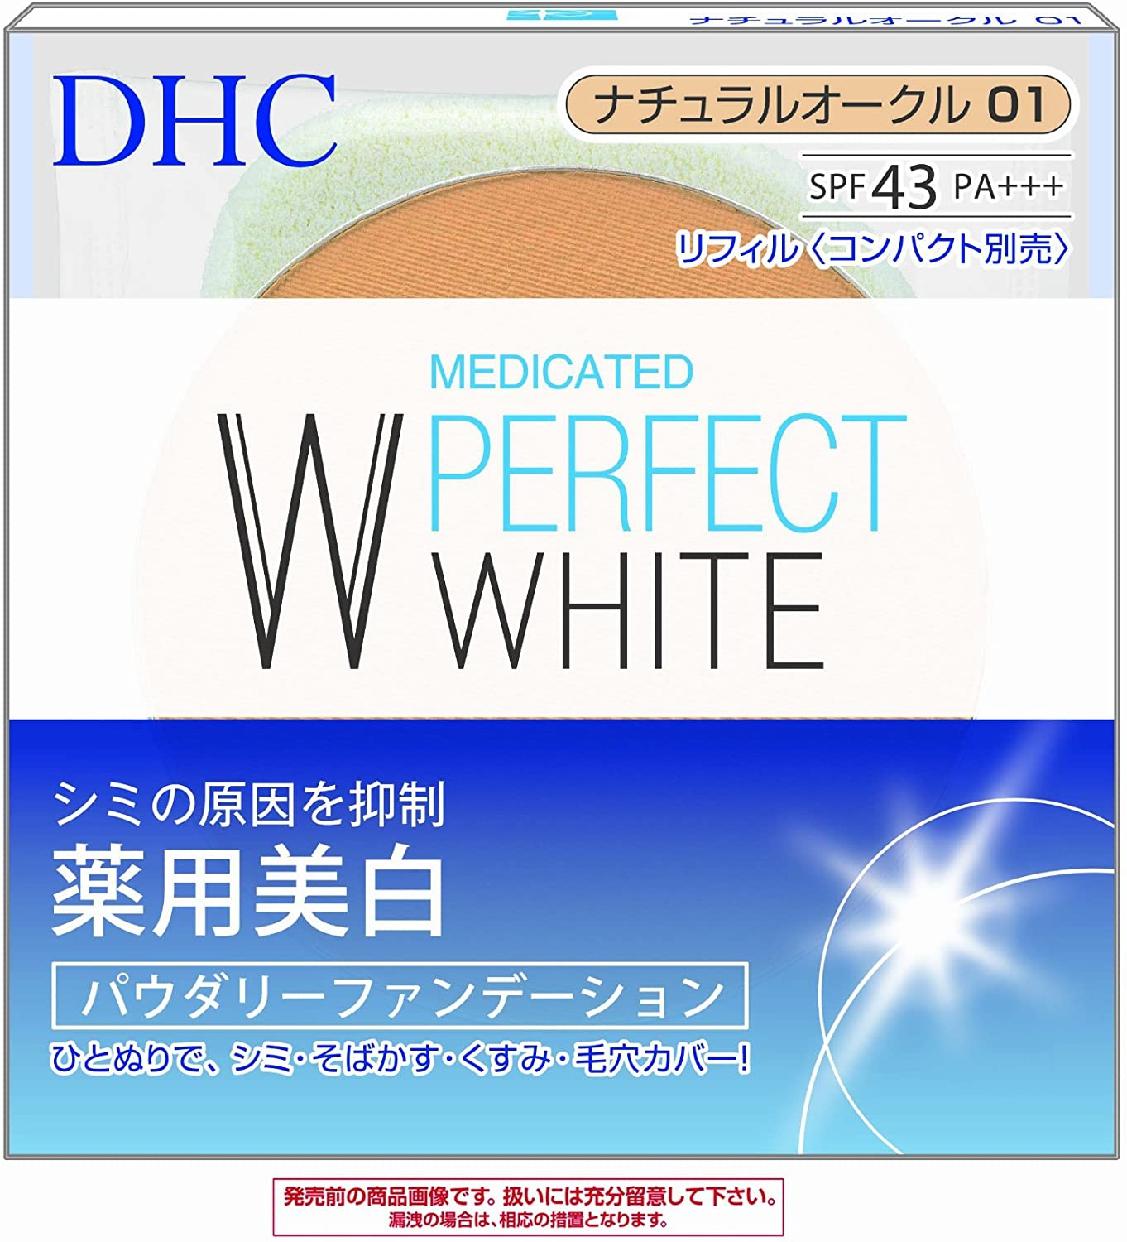 DHC(ディーエイチシー) 薬用PWパウダリーファンデ